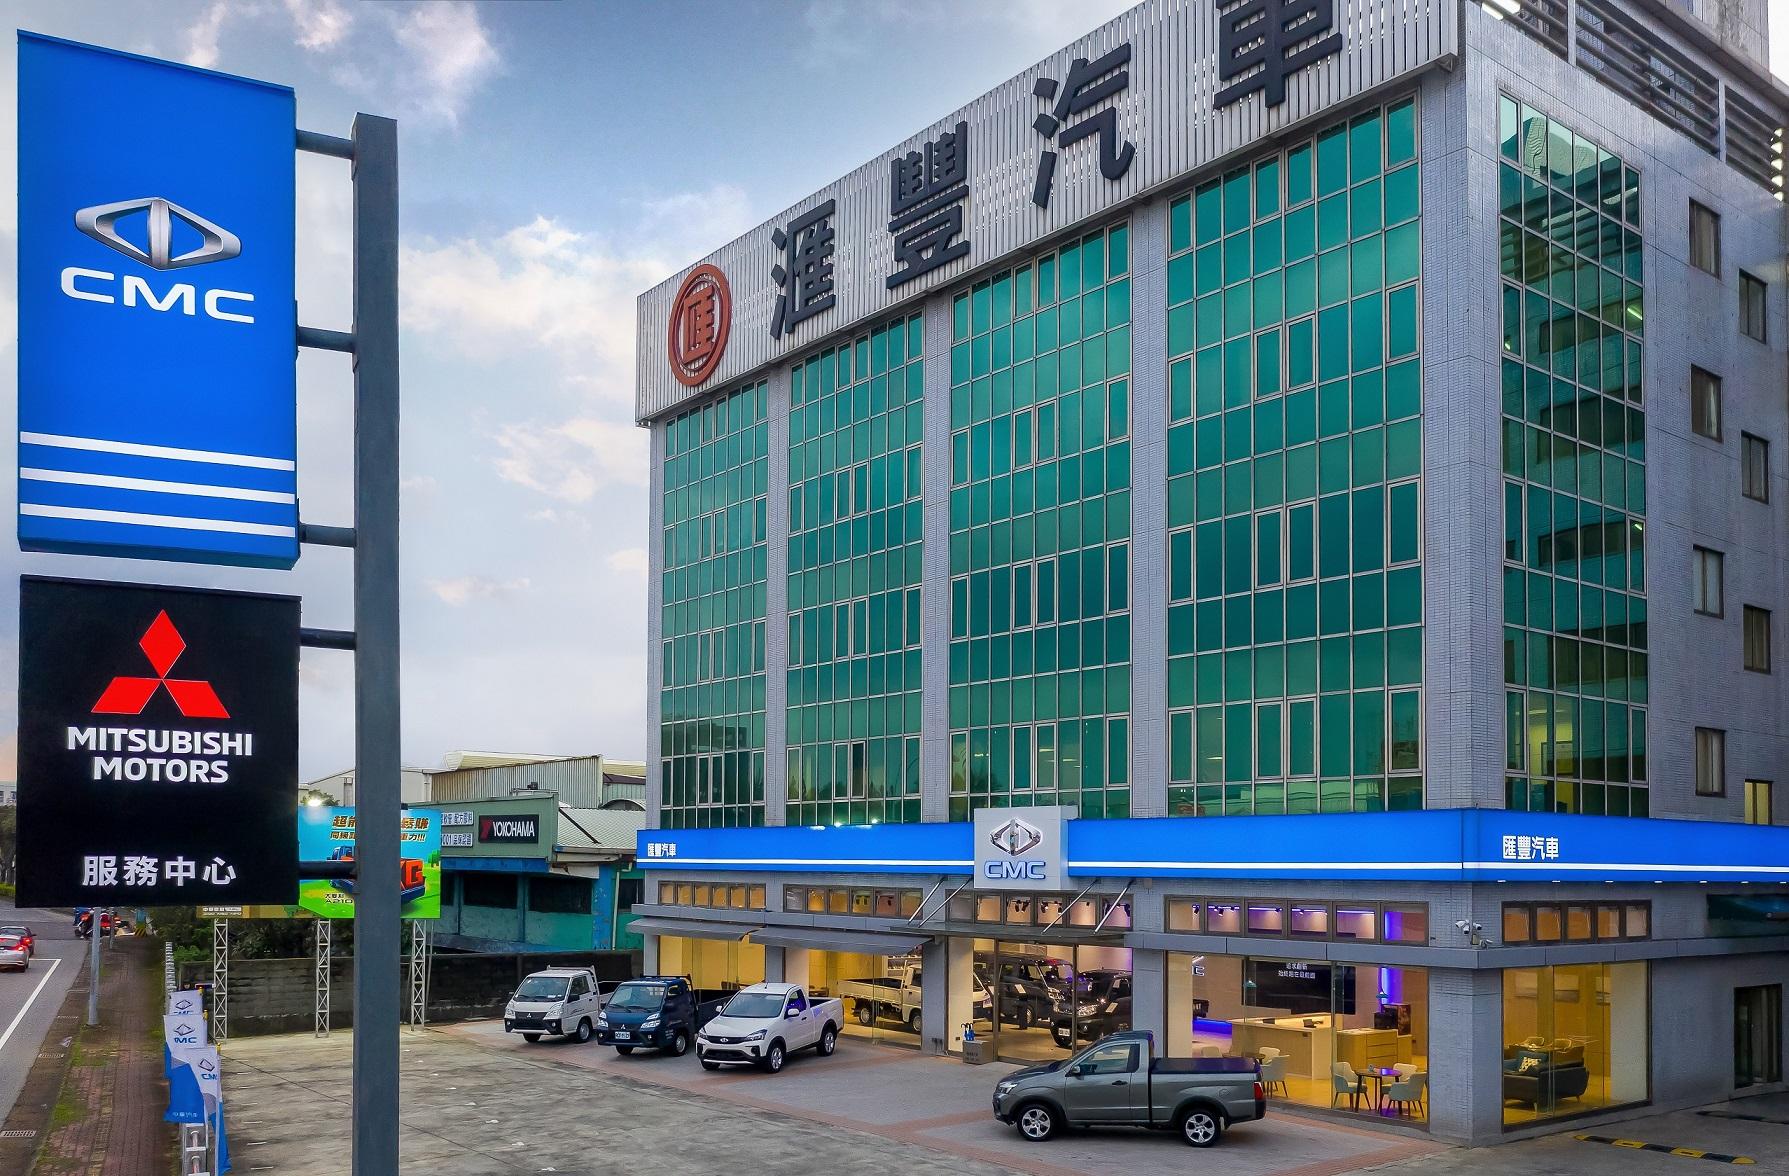 中華三菱響應地球一小時  全台展示中心及服務廠齊關燈  中華品牌展間也一同響應-2.jpg